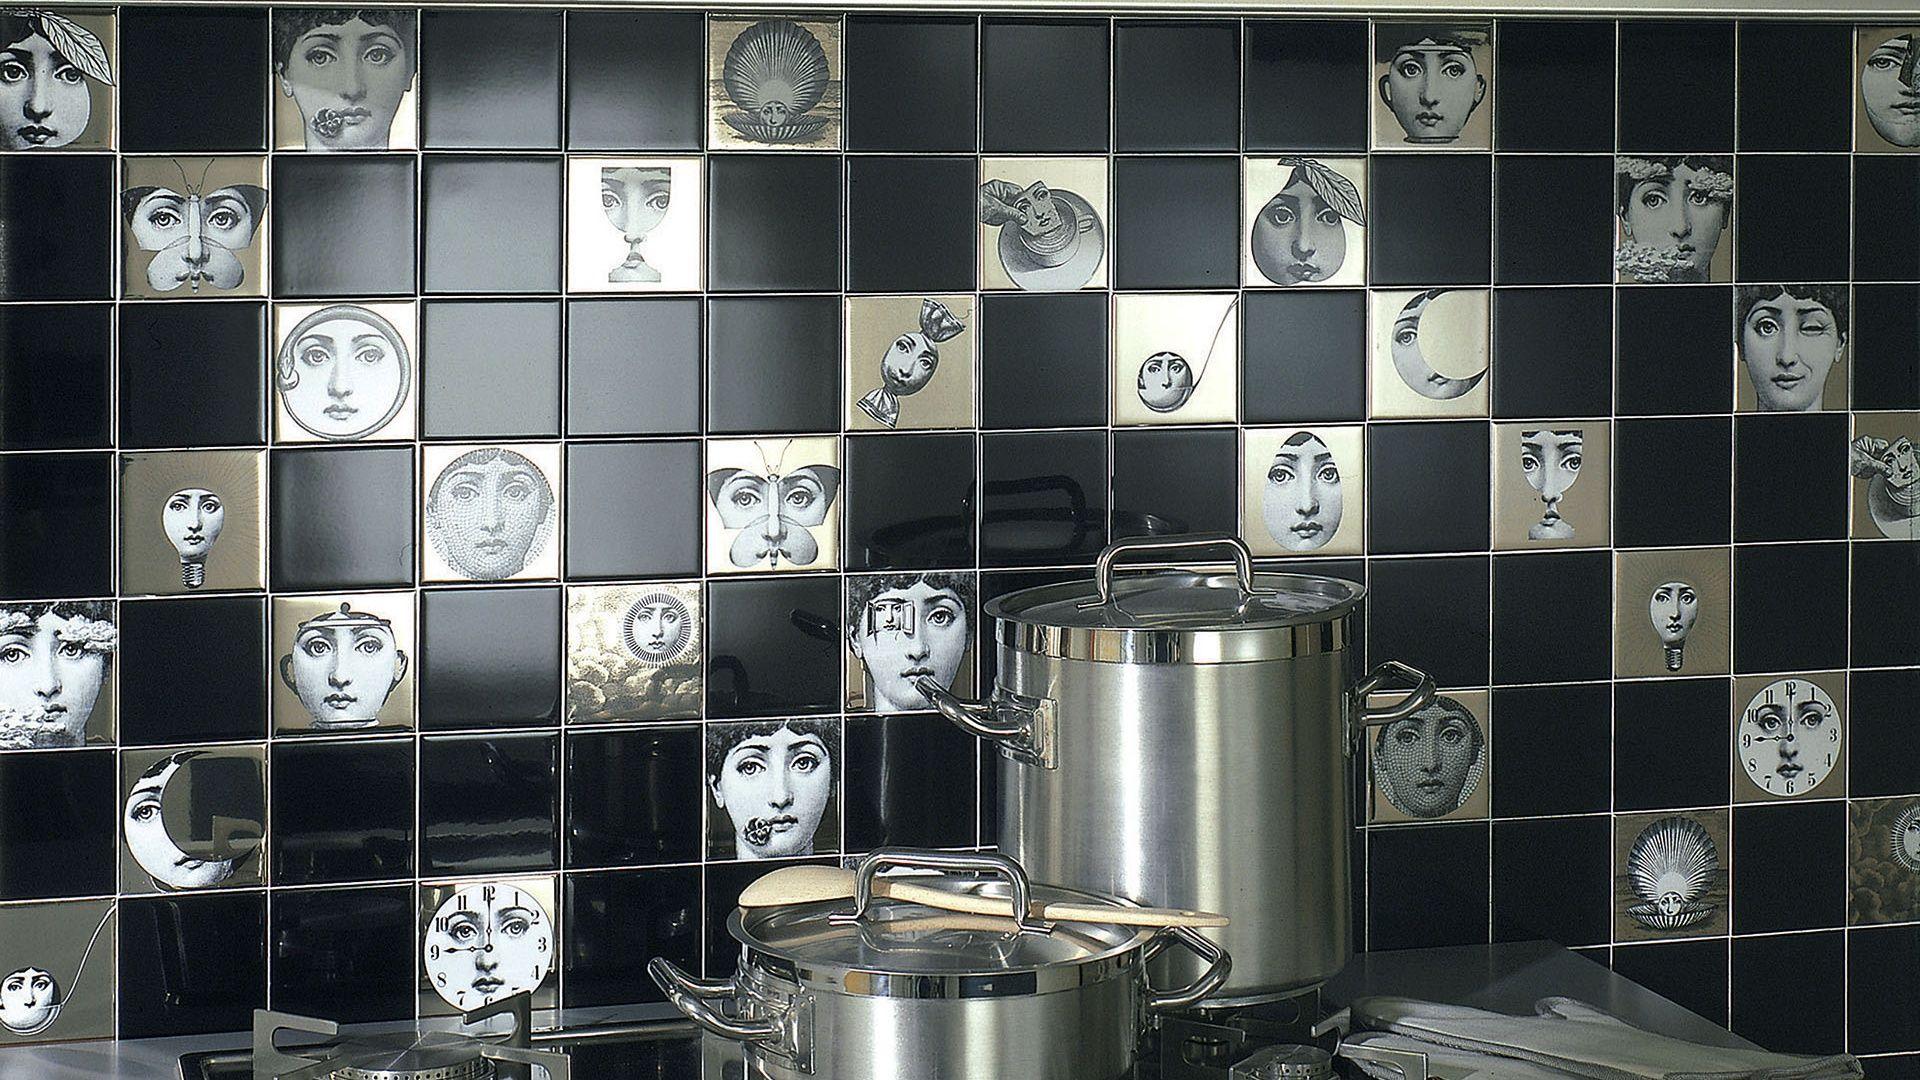 Piastrelle fornasetti prezzi boiserie in ceramica per bagno - Acquisto piastrelle detrazione ...